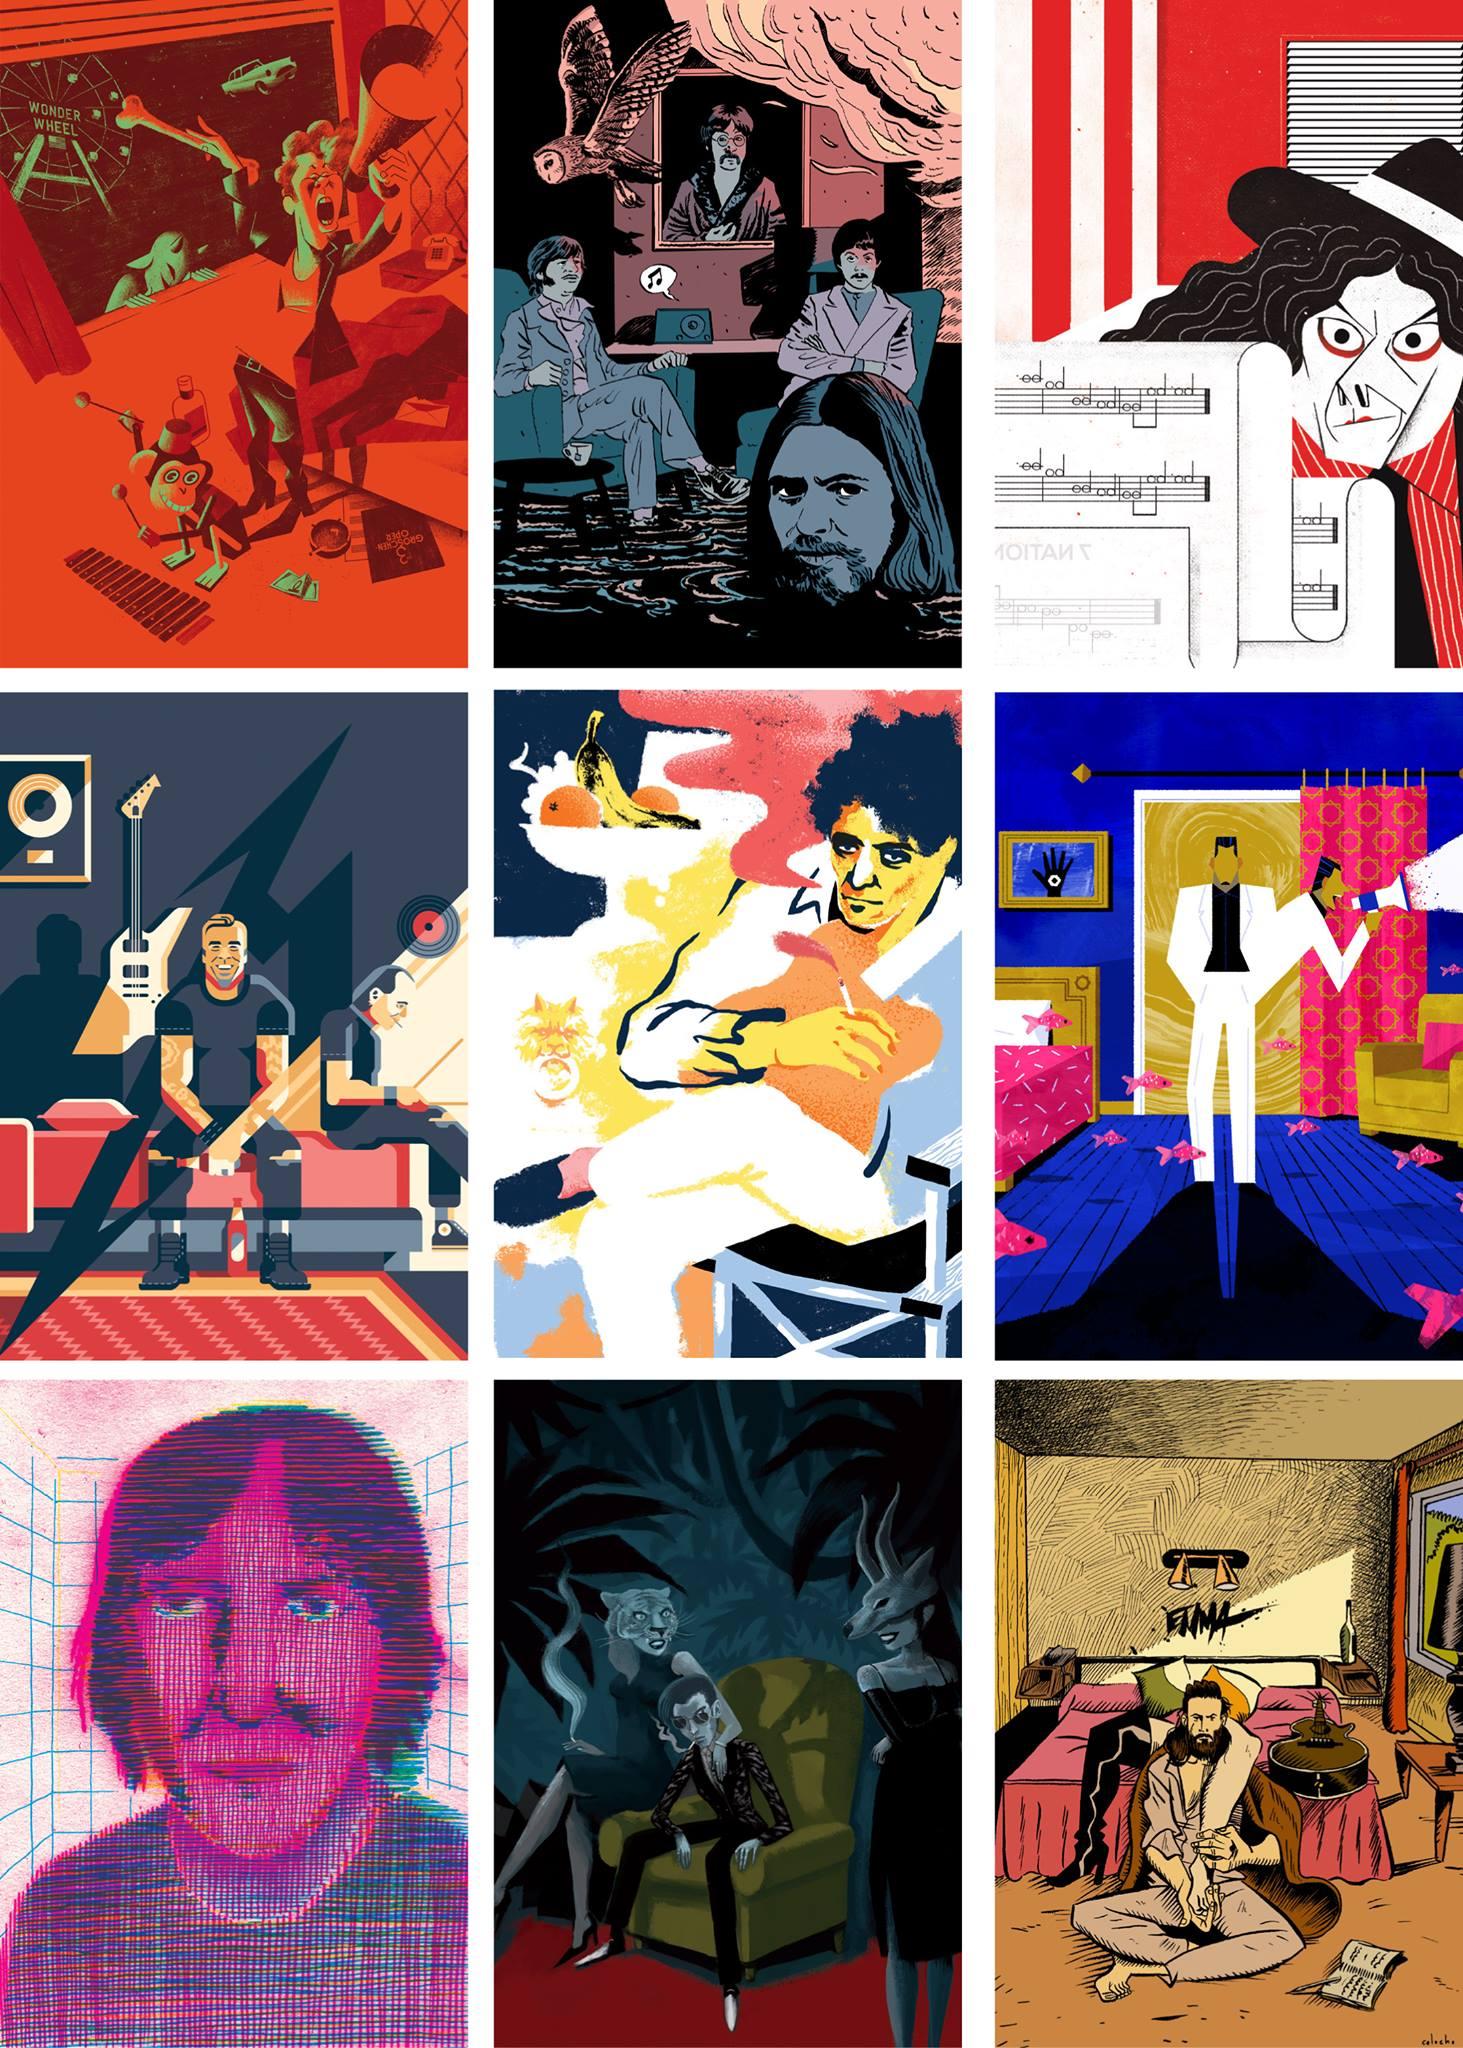 alcune delle illustrazioni in mostra; queste sono opera di Davide Saraceno, Marino Neri, Giulio Castagnaro, Davide Mazzuchin, Vuftin, Benjamin Flouw, Giacomo Nanni, Nicolas Duffaut, Colocho Éric